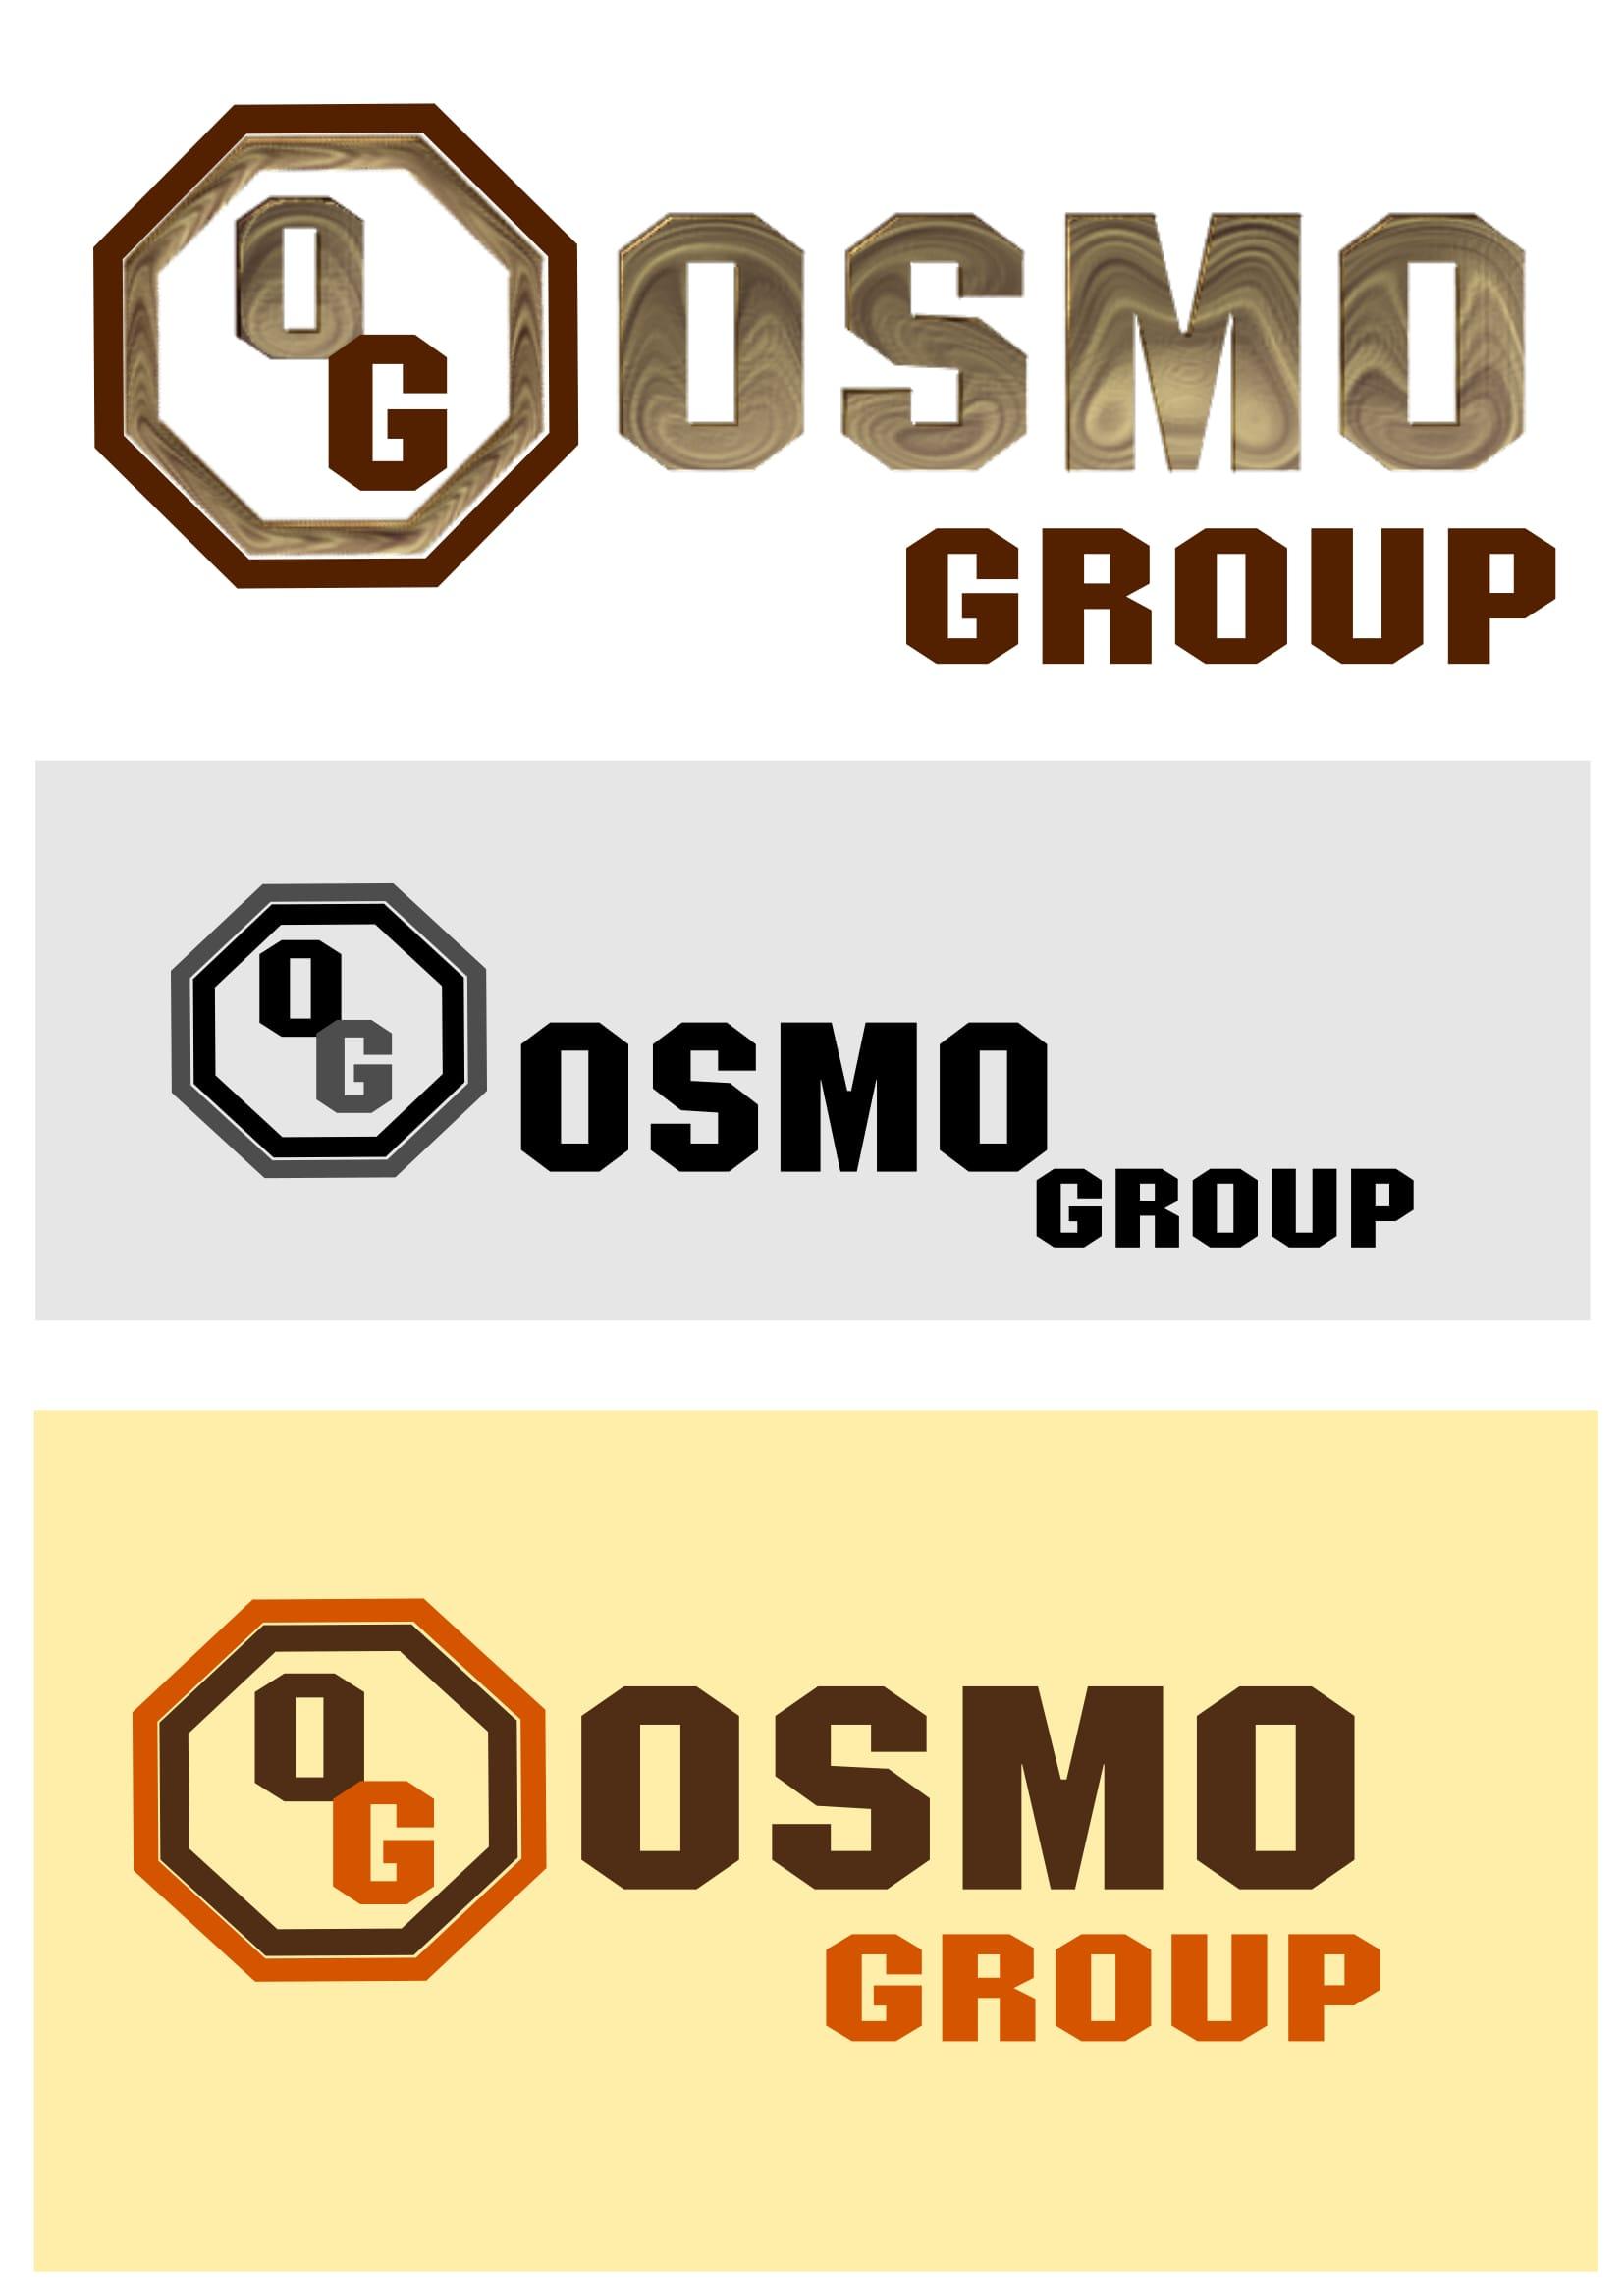 Создание логотипа для строительной компании OSMO group  фото f_48559b64315c0a54.jpg